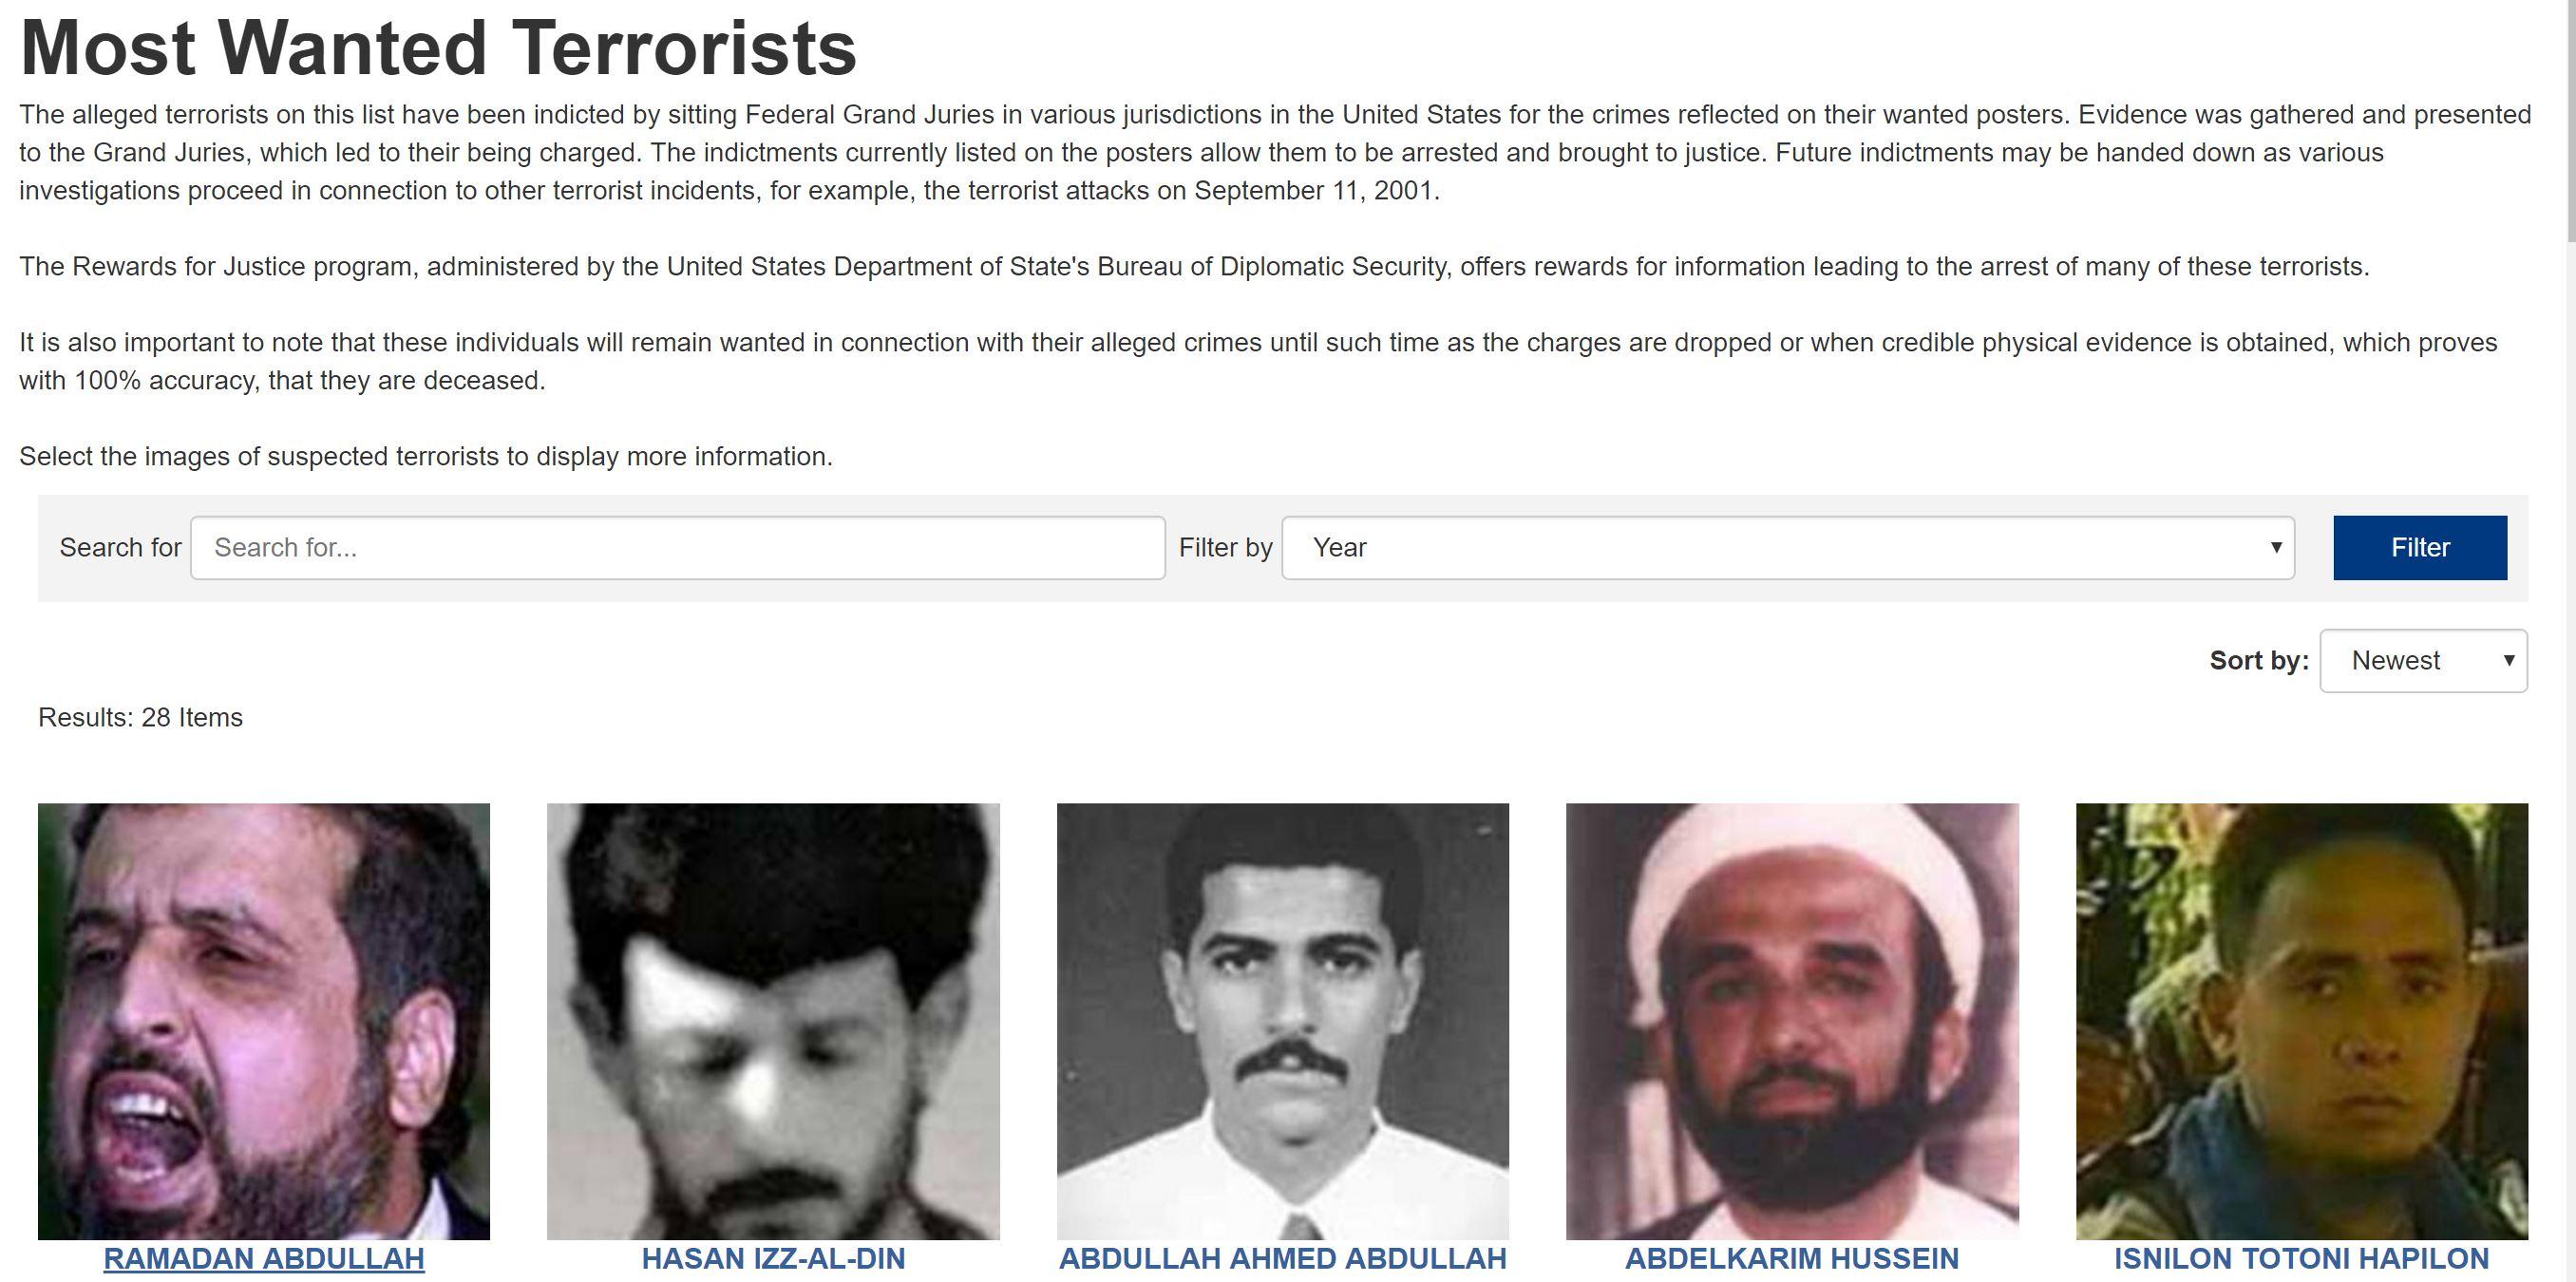 چند تن از تروریستها و نهادهای تروریستی مشخص شده در آمریکا ایرانی هستند؟